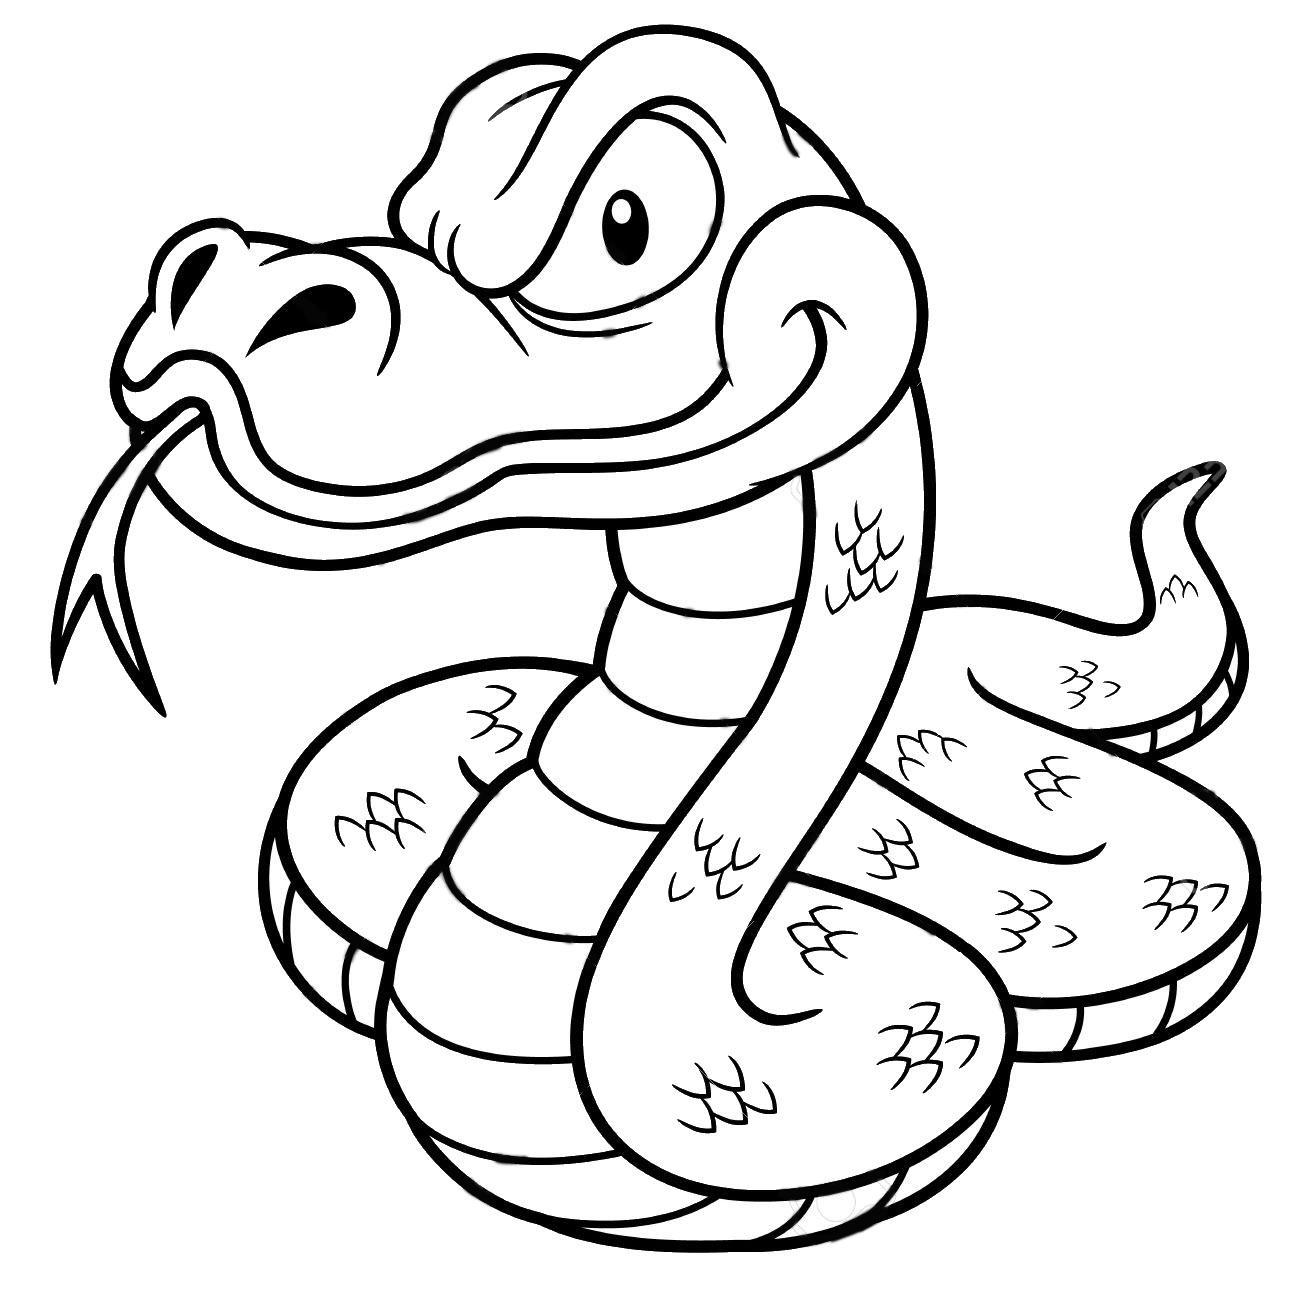 Tranh tô màu con rắn hoạt hình